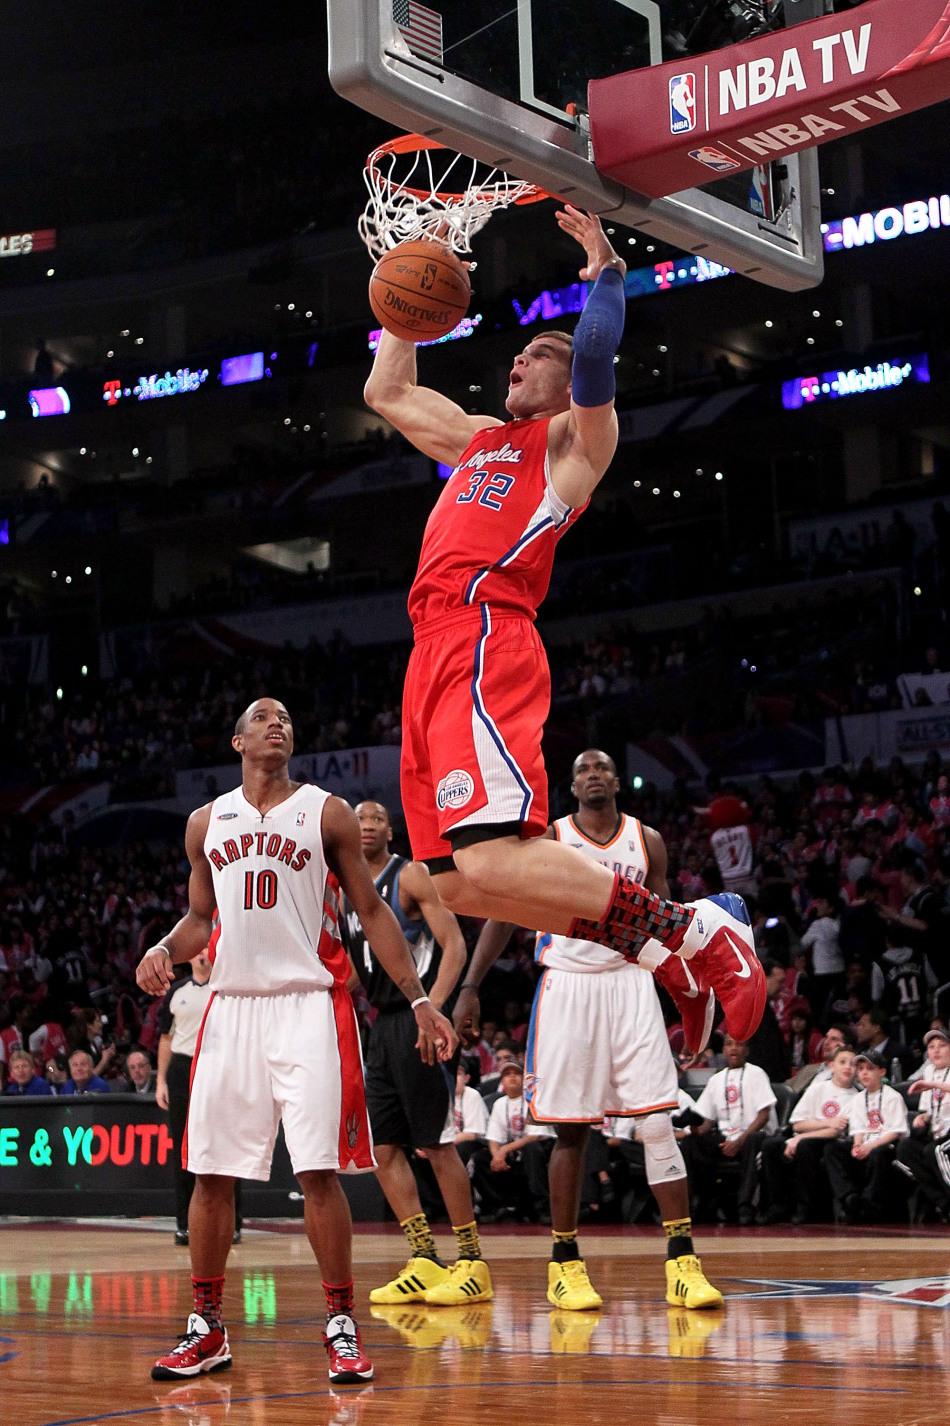 012年奥兰多NBA全明星周末新秀赛将率先打响,新浪体育为广大网